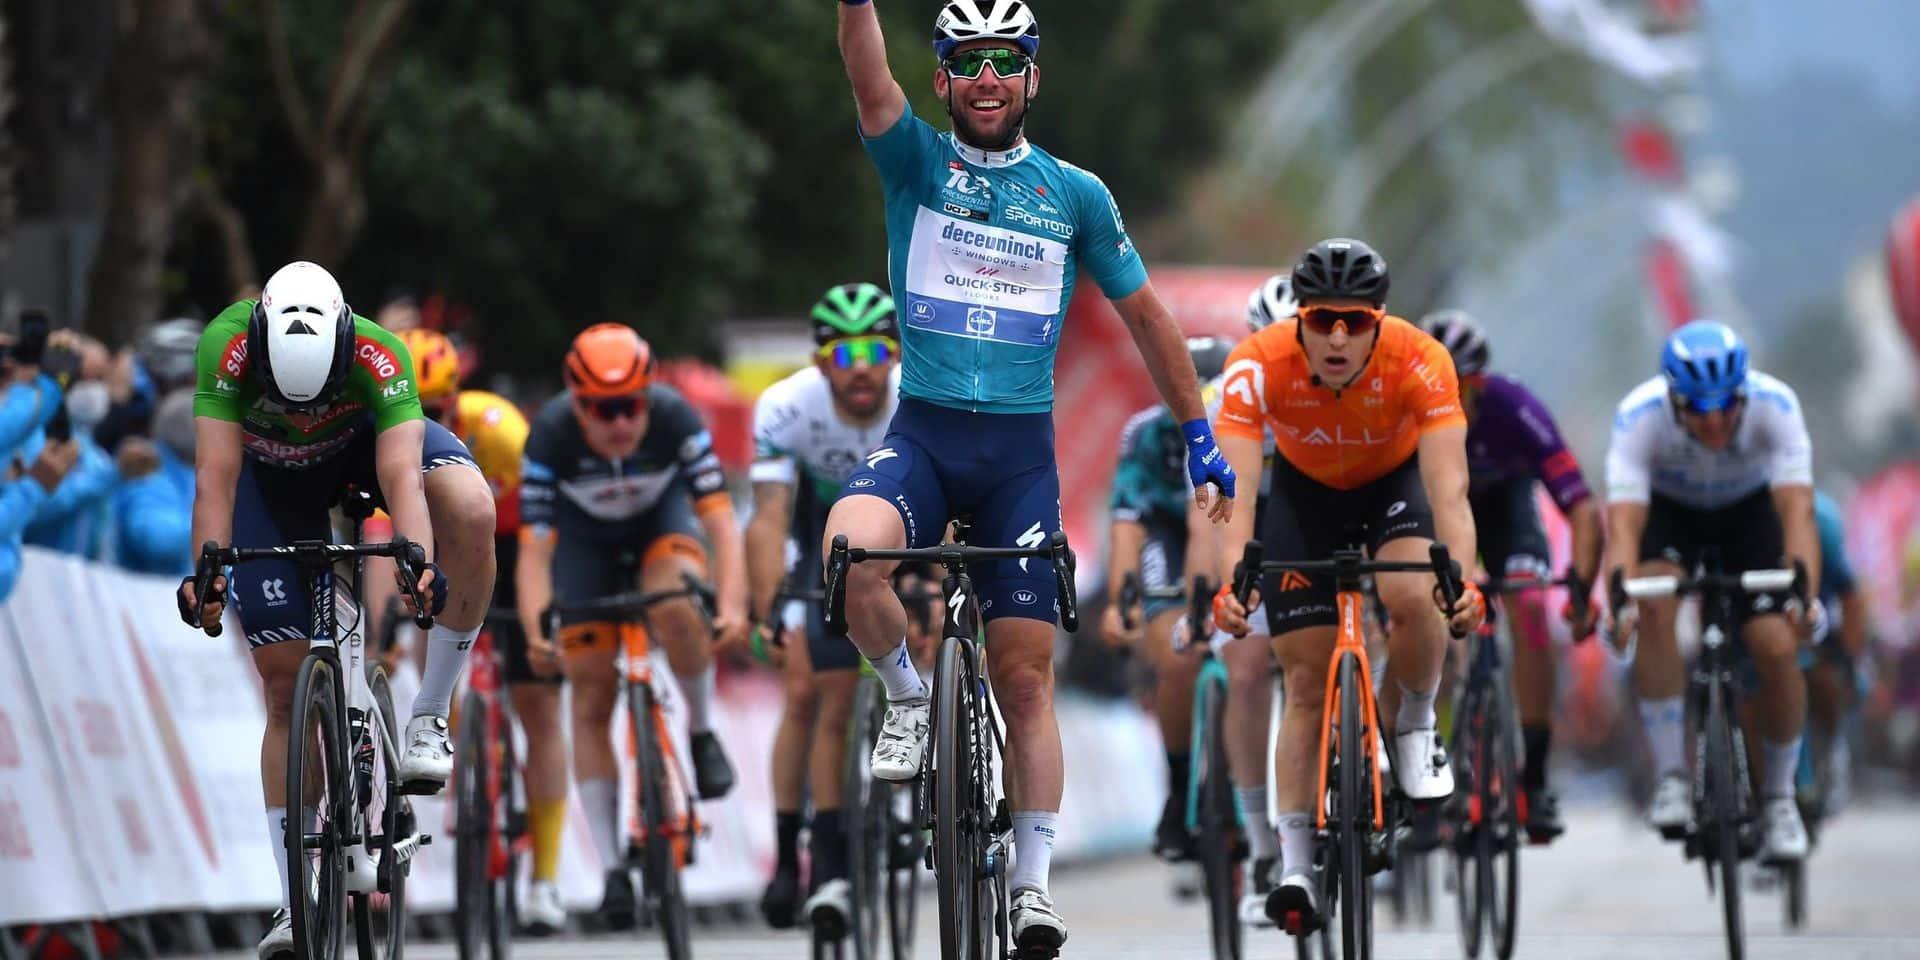 Tour de Turquie: Mark Cavendish signe une 4e victoire lors de la dernière étape